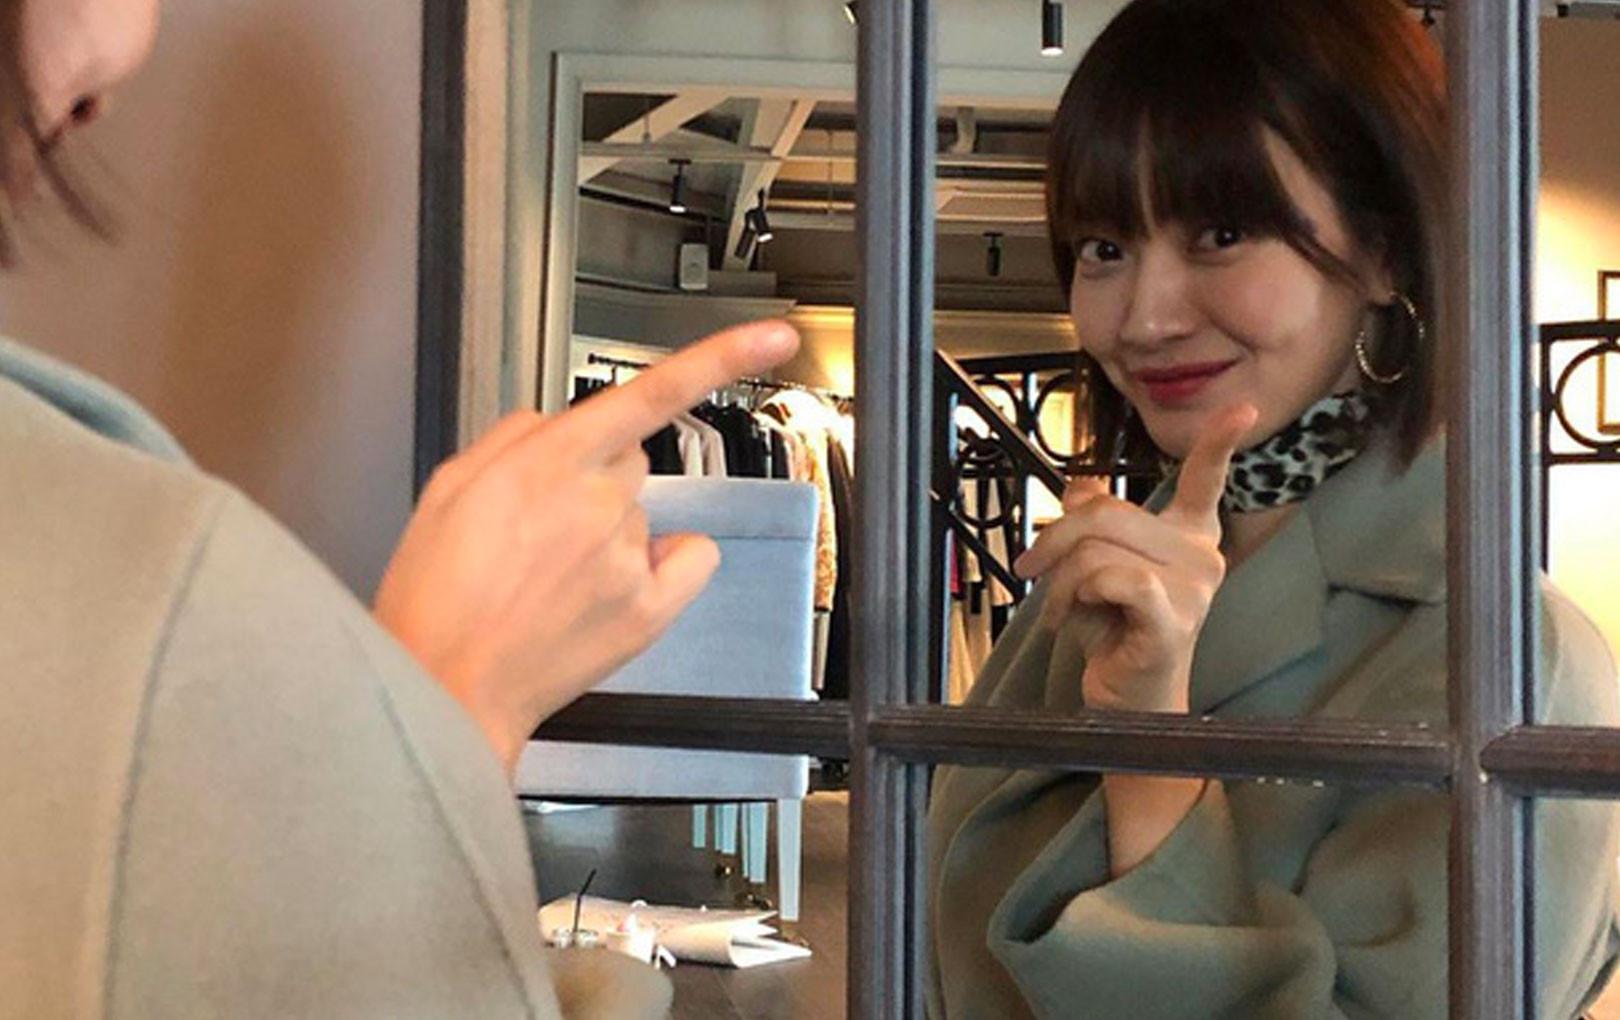 Không cần chỉnh sửa ảnh bạn gái Kim Woo Bin vẫn khiến fan mê mẩn vì nhan sắc và nét duyên hiếm có